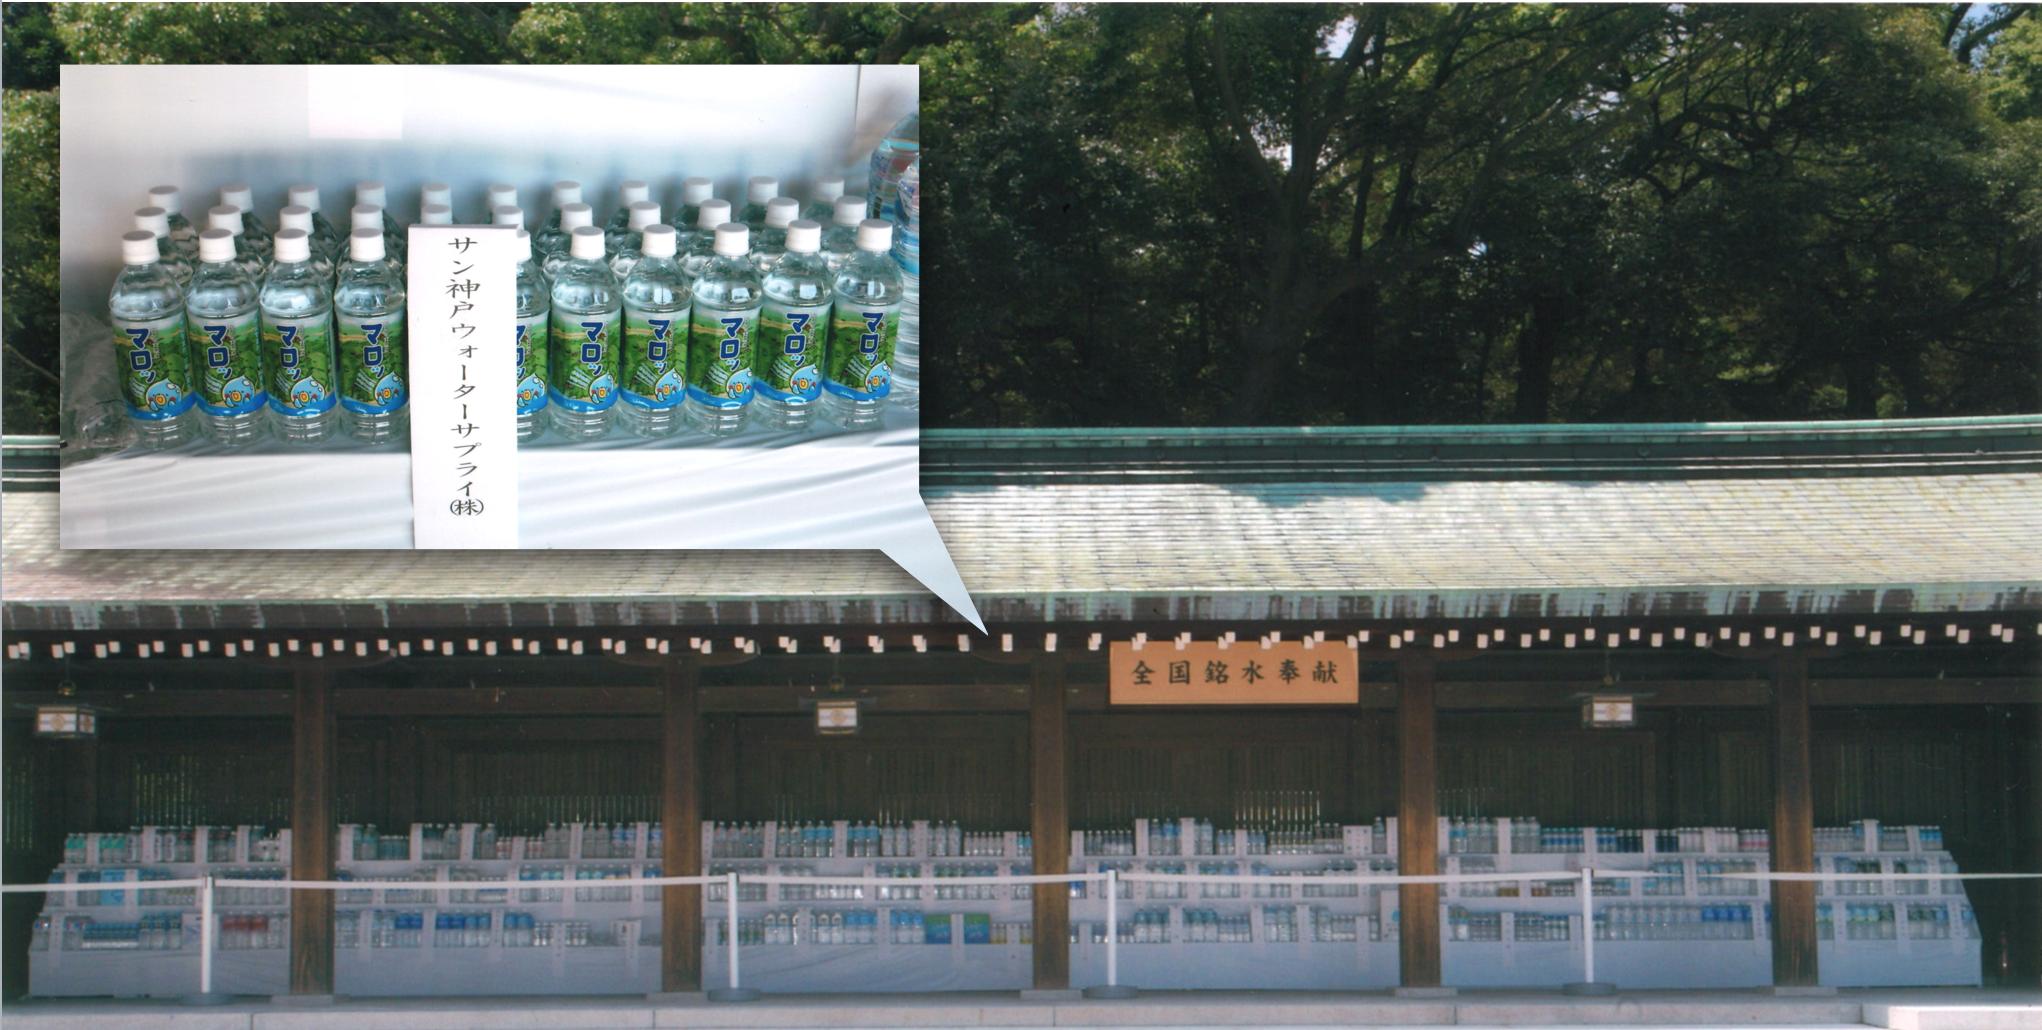 「六甲の天然水マロッ」を明治神宮に奉納